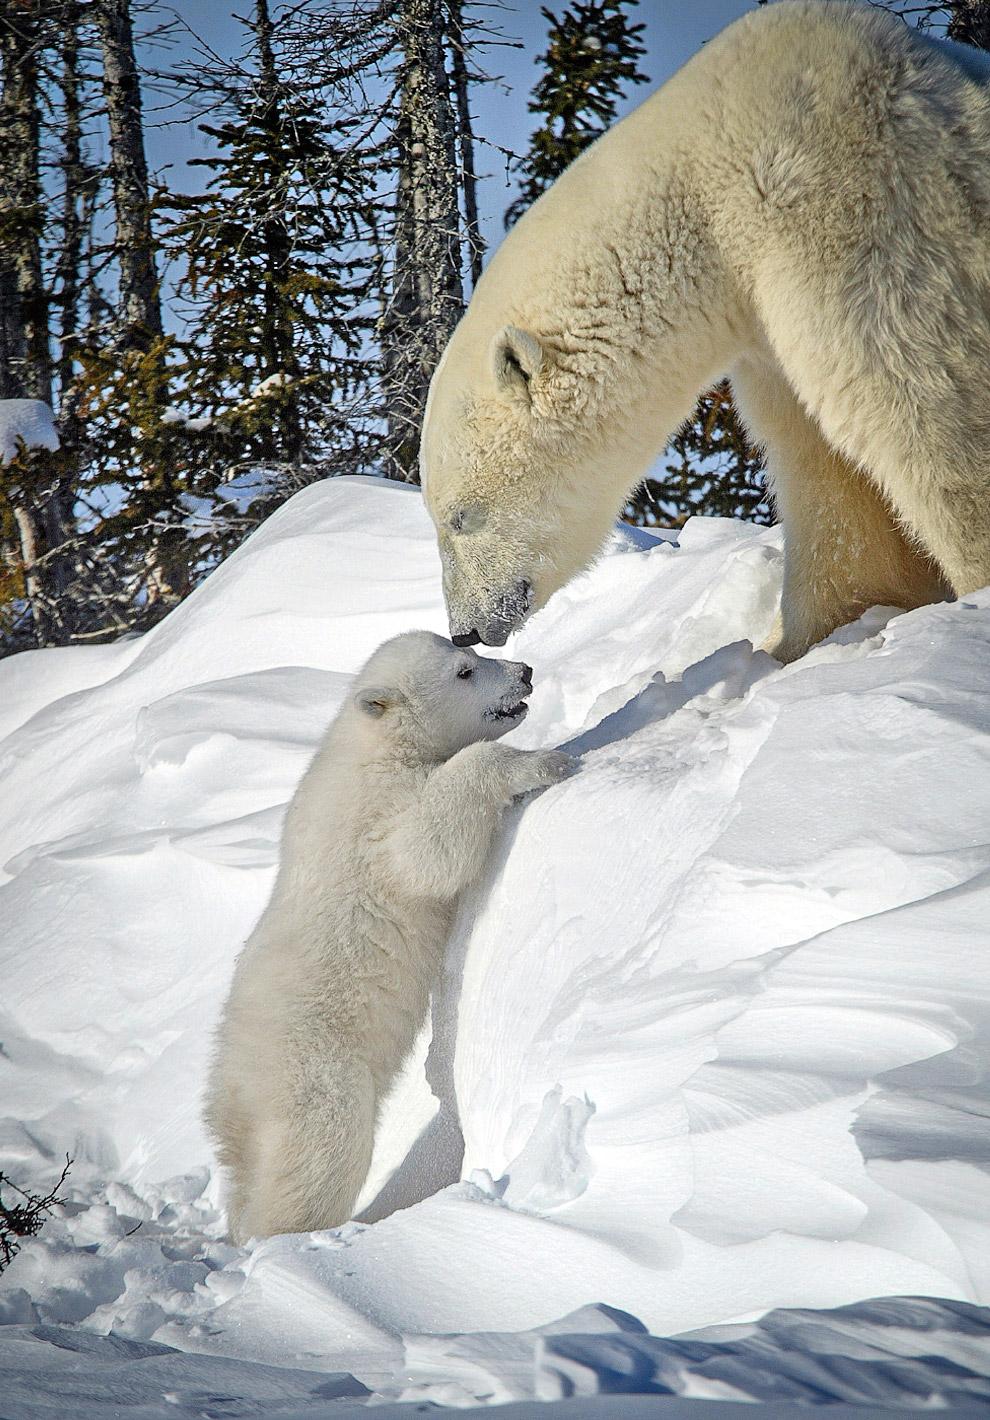 6. Интересно, что у белого медведя черная кожа.